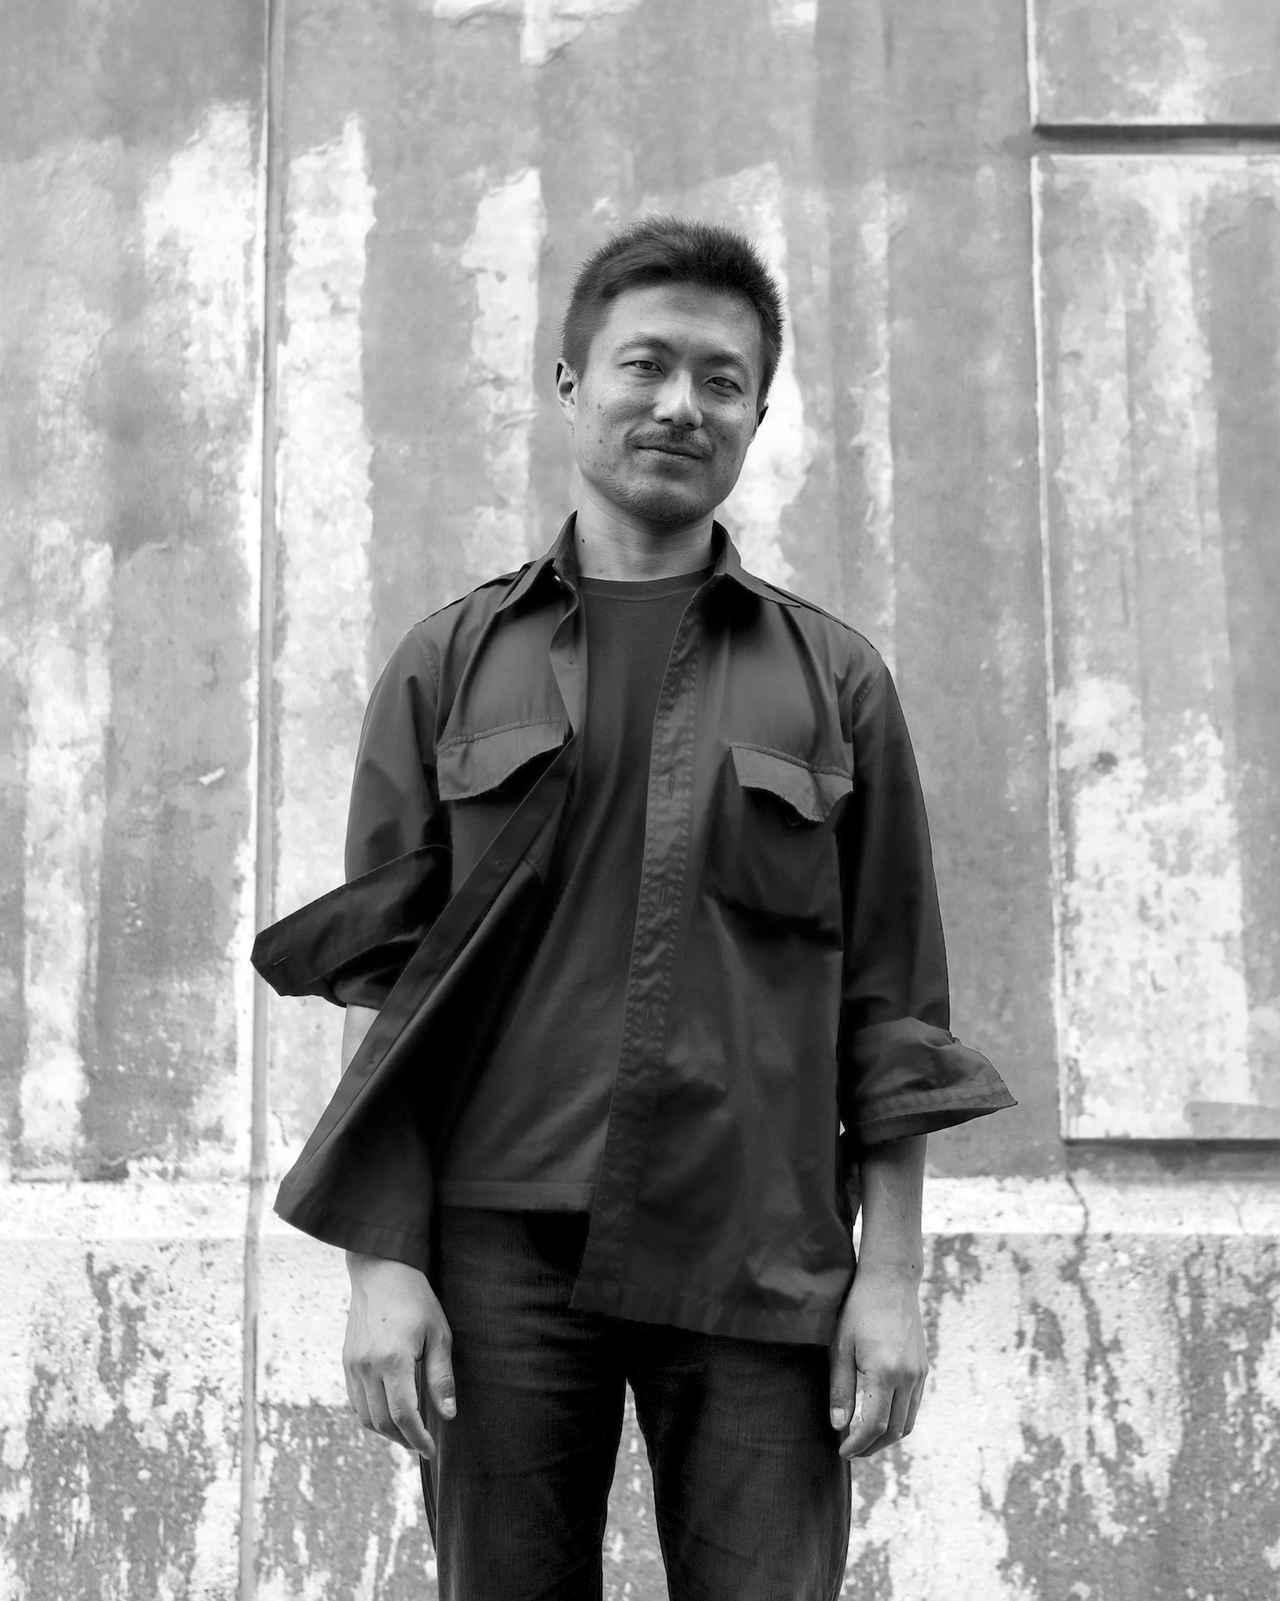 画像: 映画作家舩橋淳の「社会の24フレーム」 連載第2回 FRAME #2: 映画と現代に生きる女性